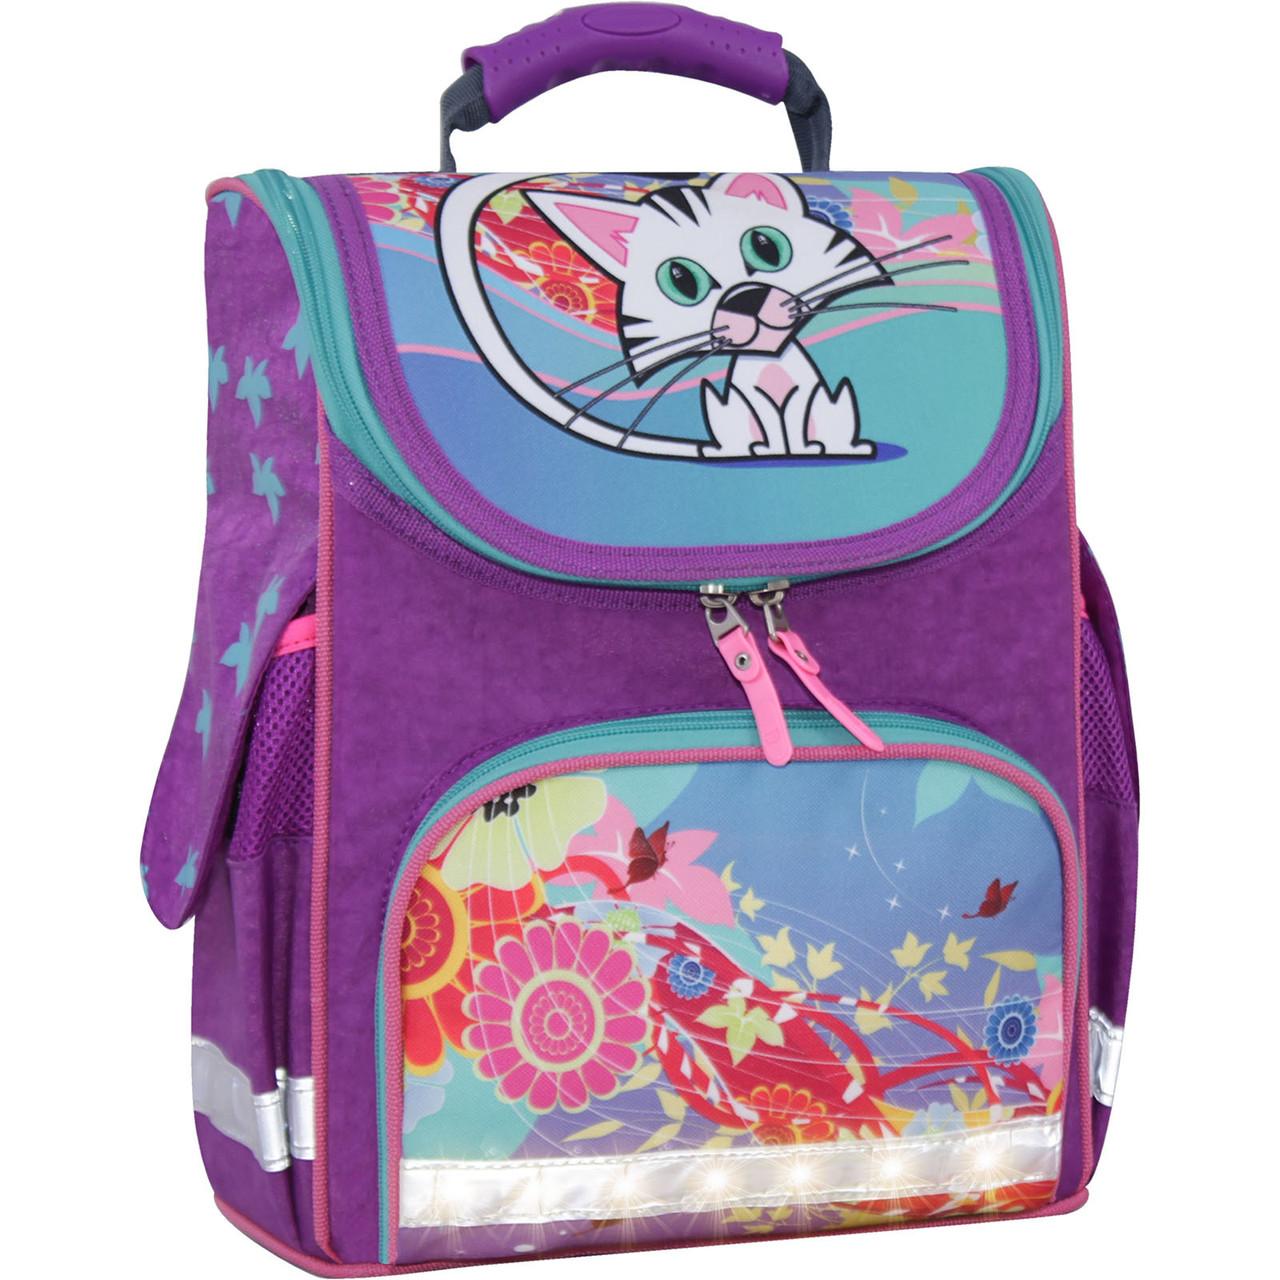 Рюкзак школьный каркасный с фонариками Bagland Успех 12 л. фиолетовый 502 (00551703)